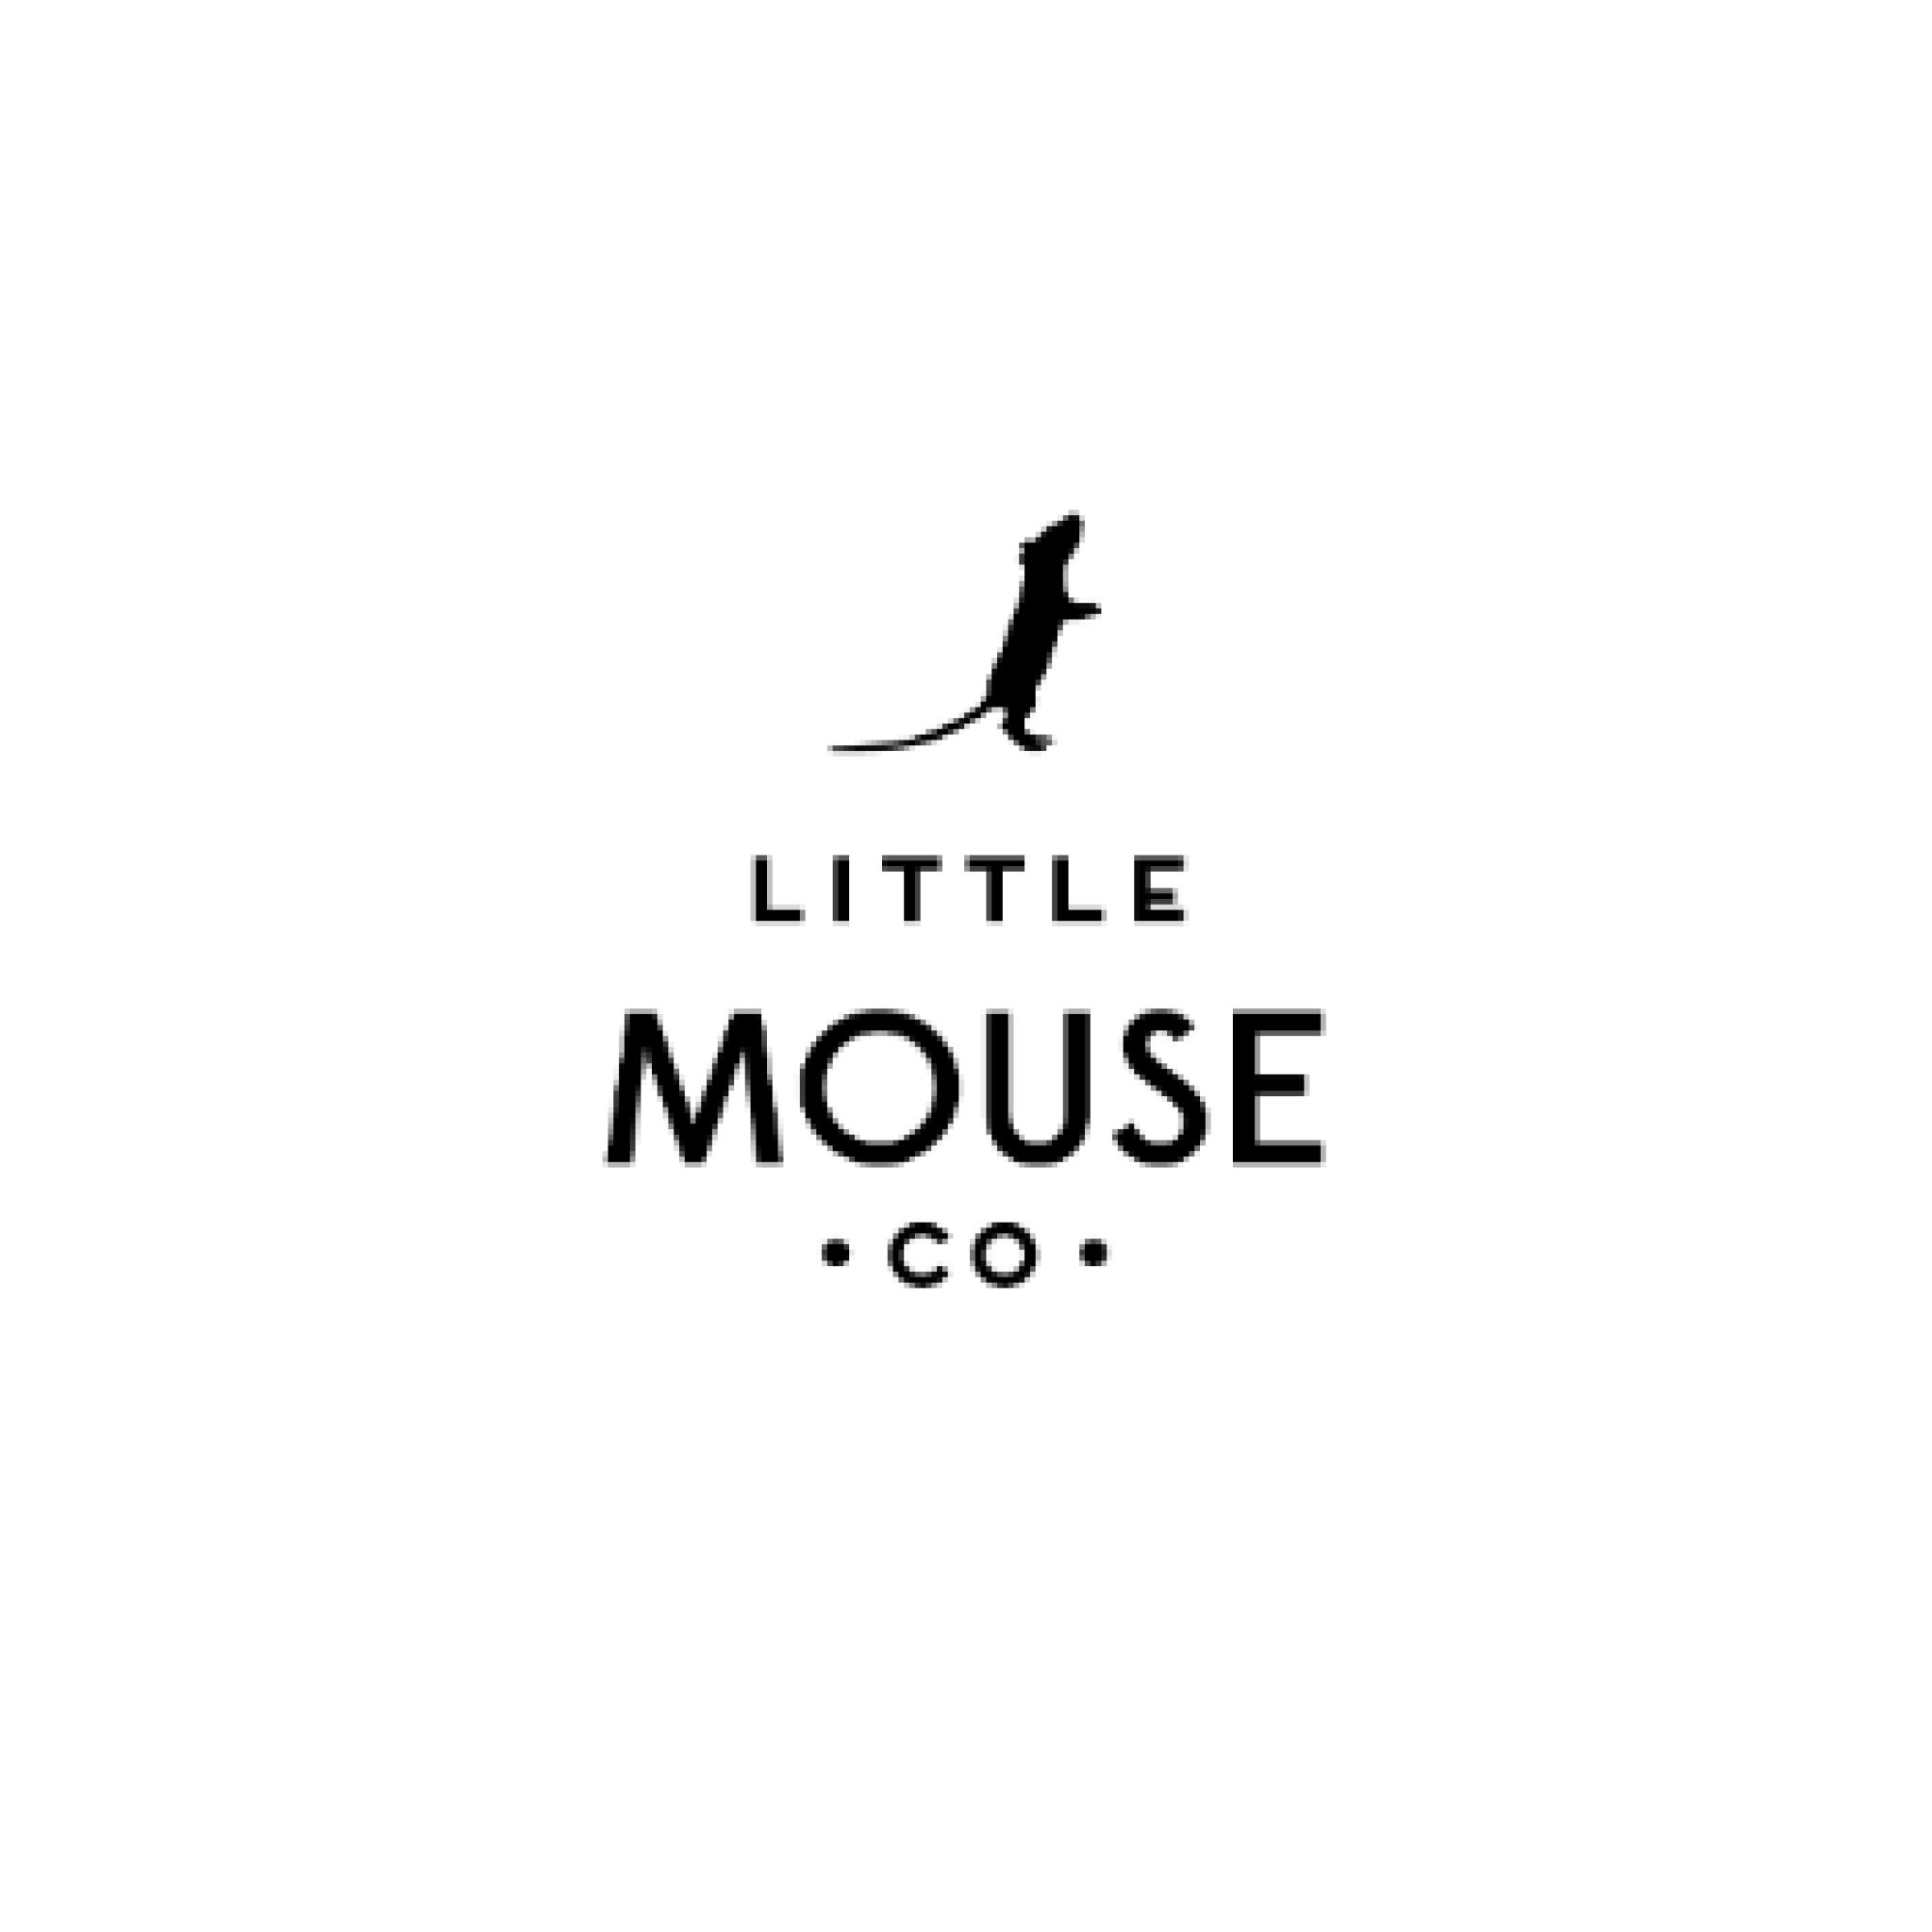 Little Mouse Co